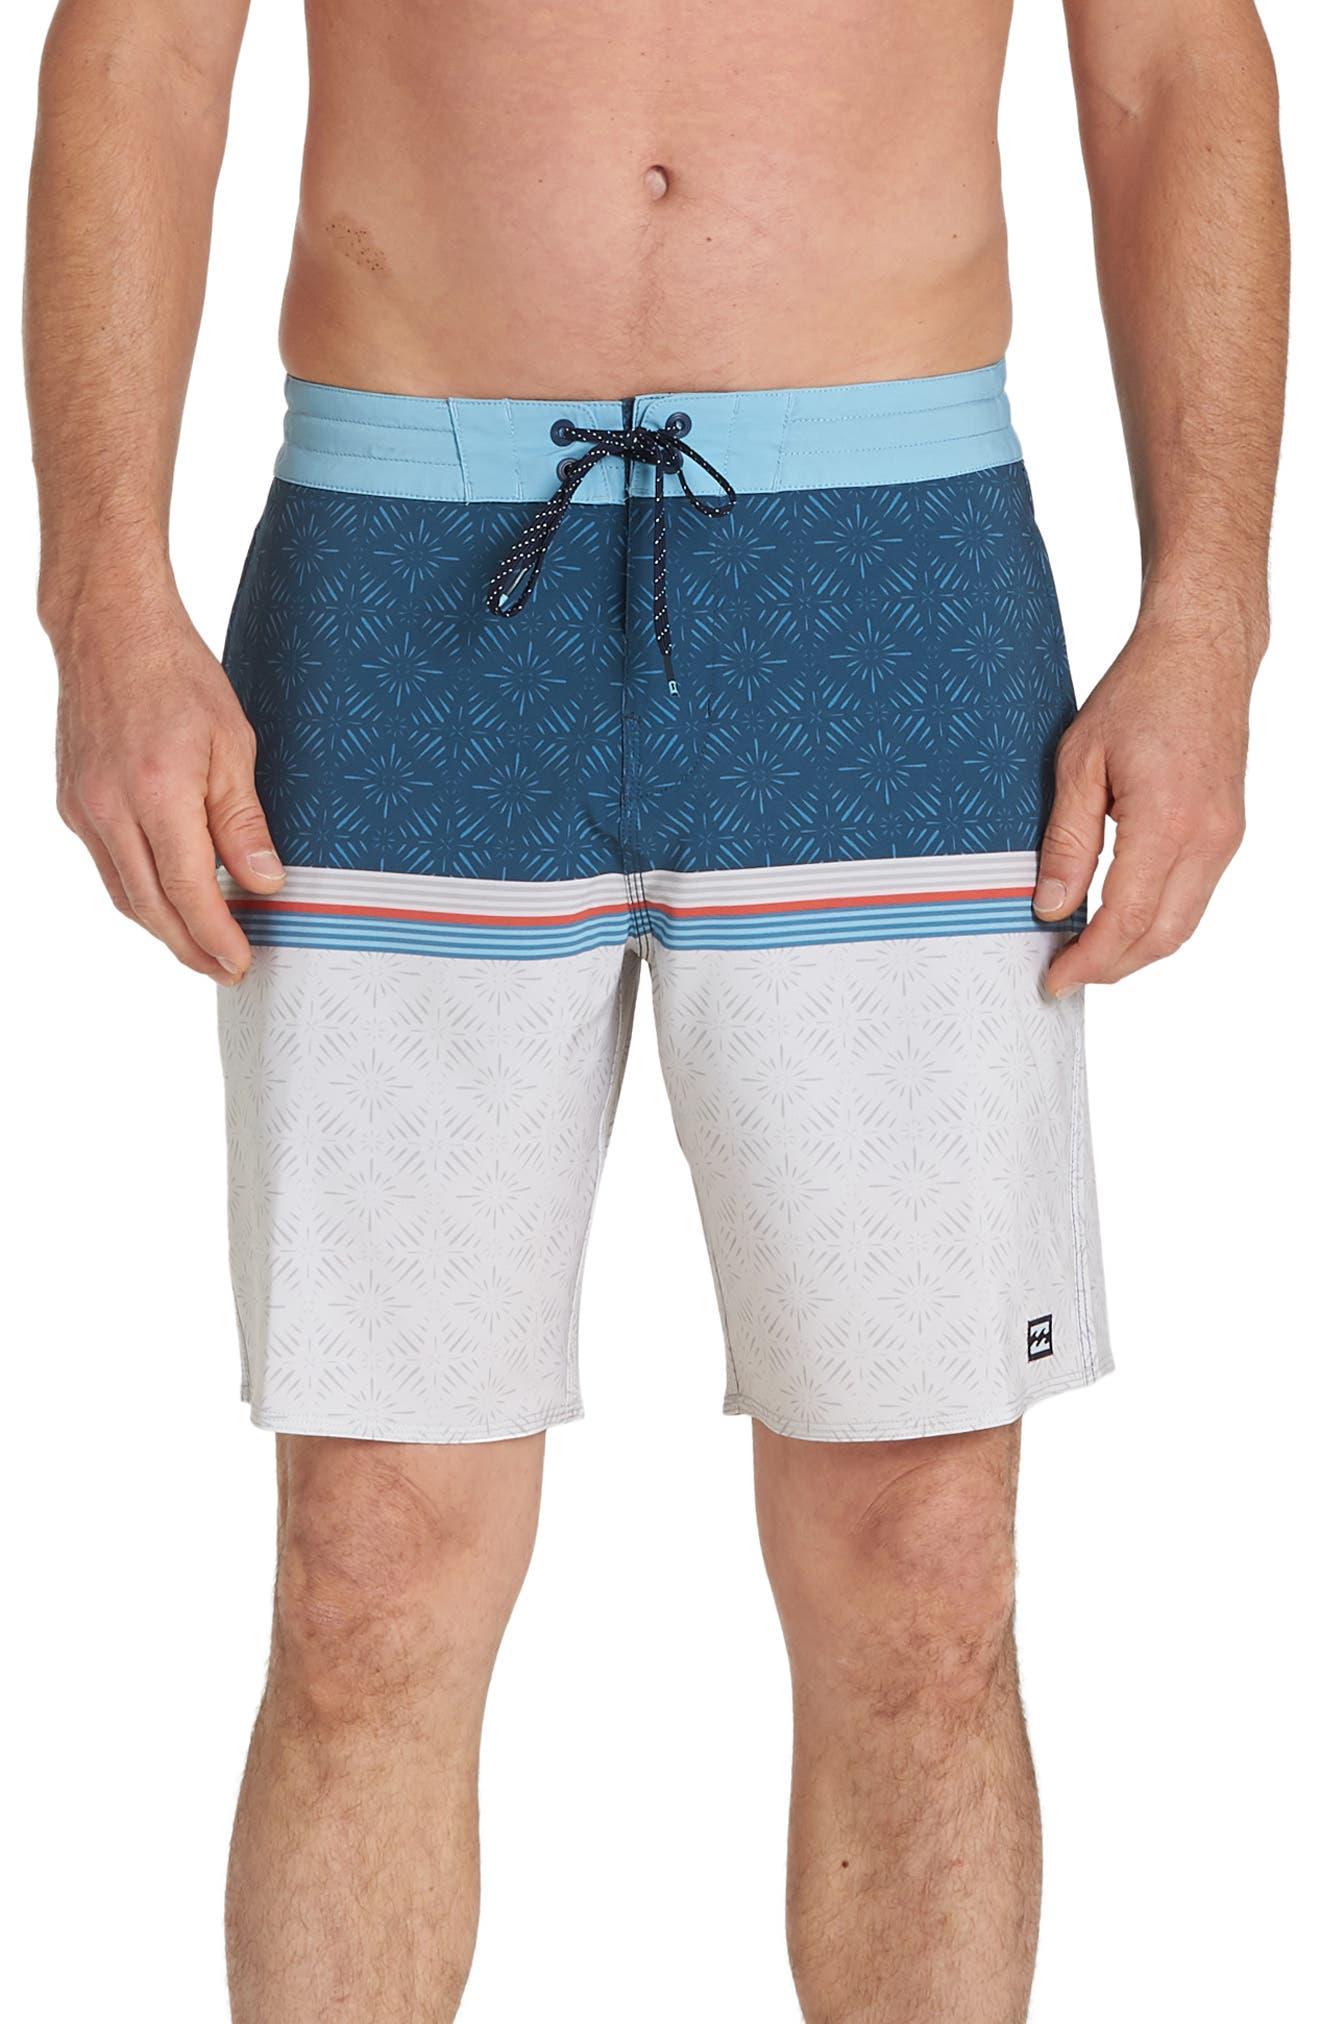 Billabong Fifty50 Low Tide Board Shorts, Beige